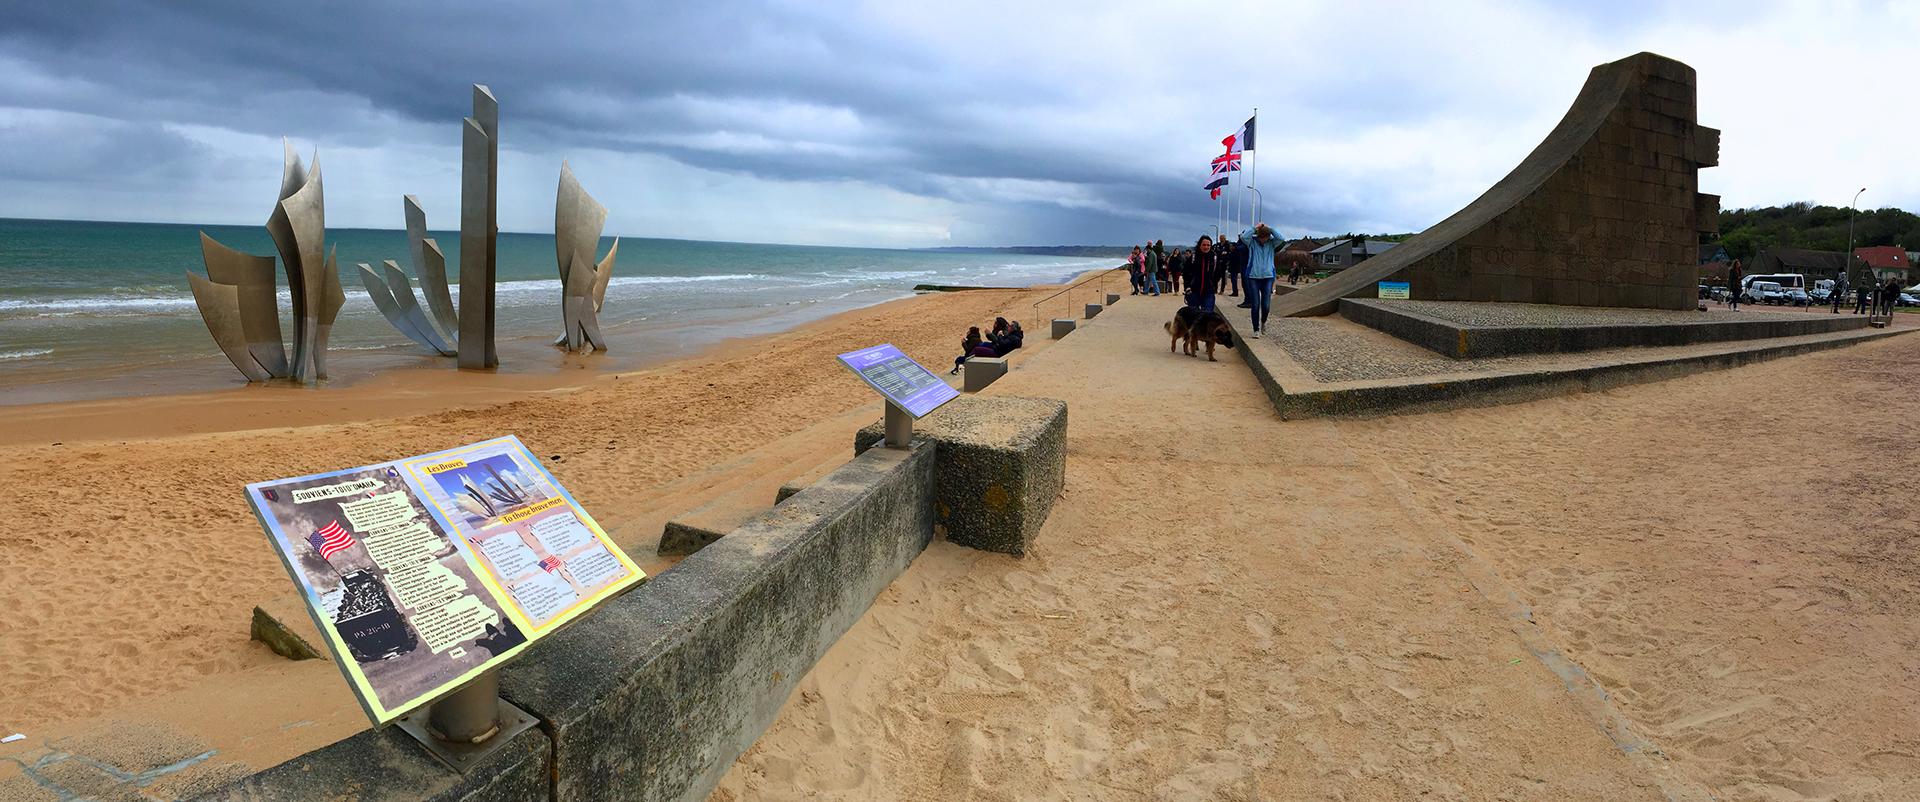 Playas del Desembarco de Normandía, Francia desembarco de normandía - 38981252335 479d1e6d71 o - Viaje a las Playas del Desembarco de Normandía